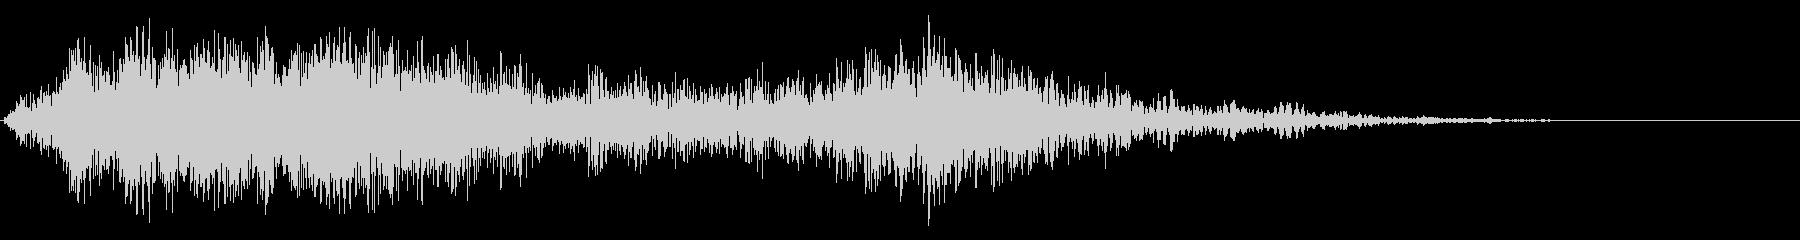 ヒュウウ(風のような音)の未再生の波形